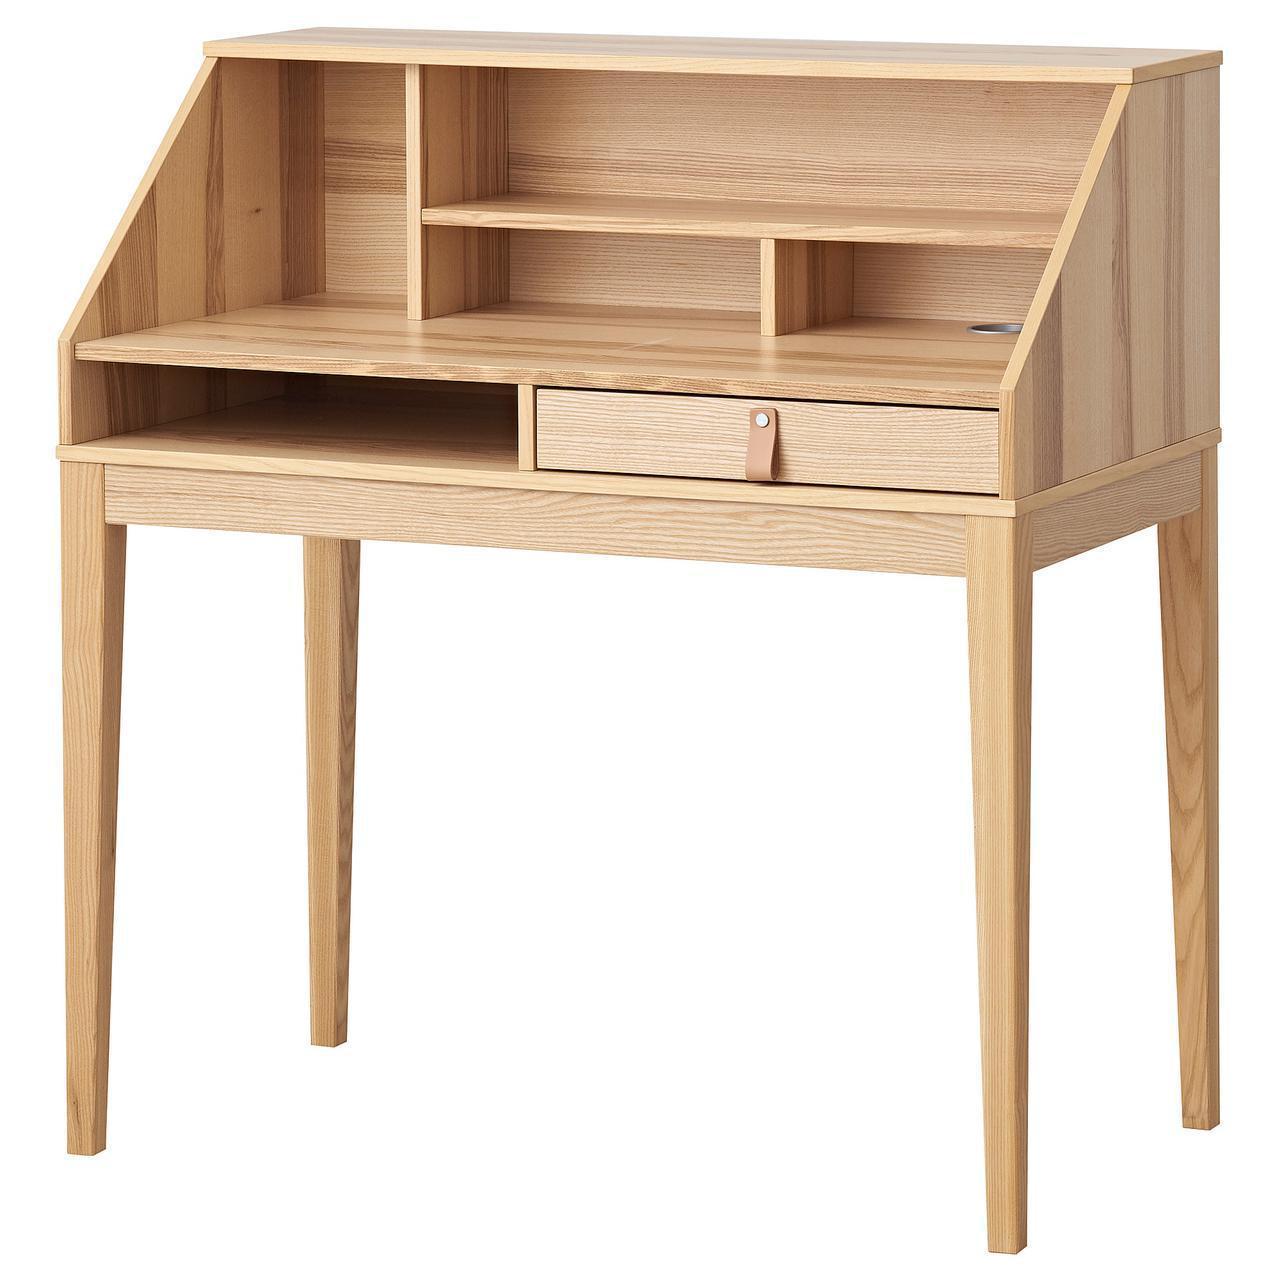 Стол IKEA FLIGGEN 100x55 см с полкой ясеневый шпон 504.126.78